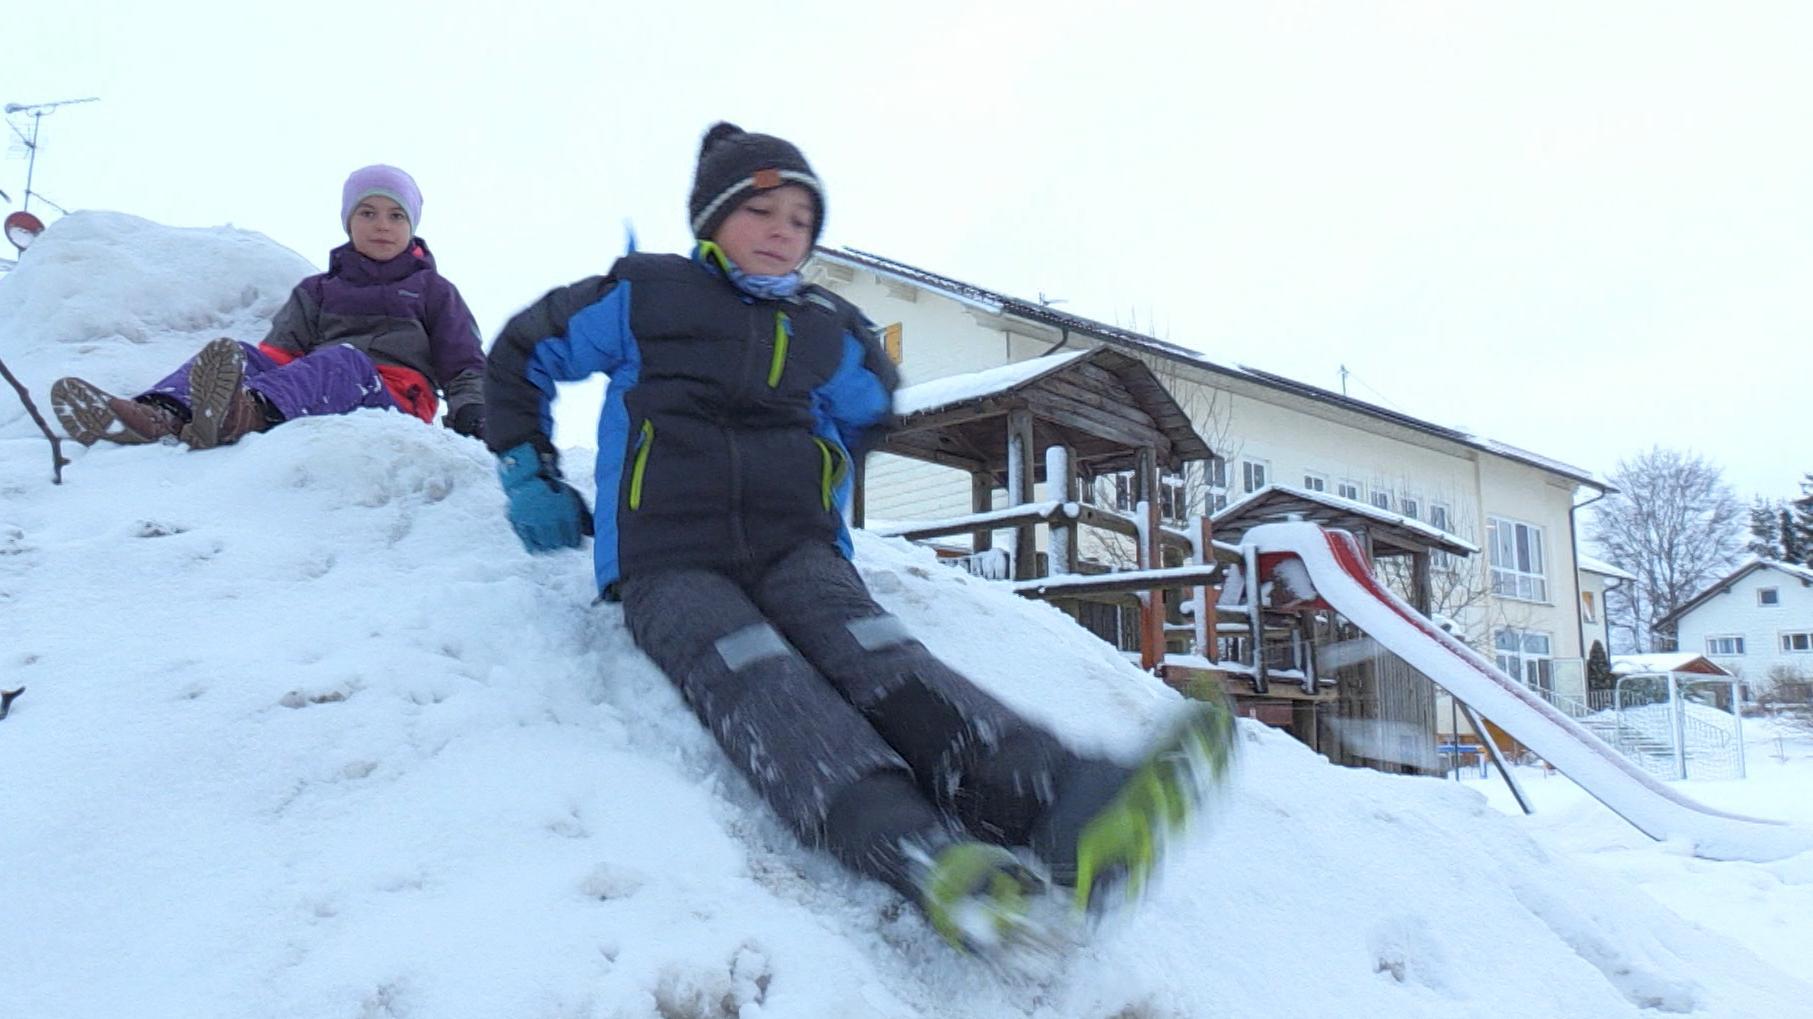 Kinder beim Spielen im Schnee in Ruderatshofen (Lkr. Ostallgäu)